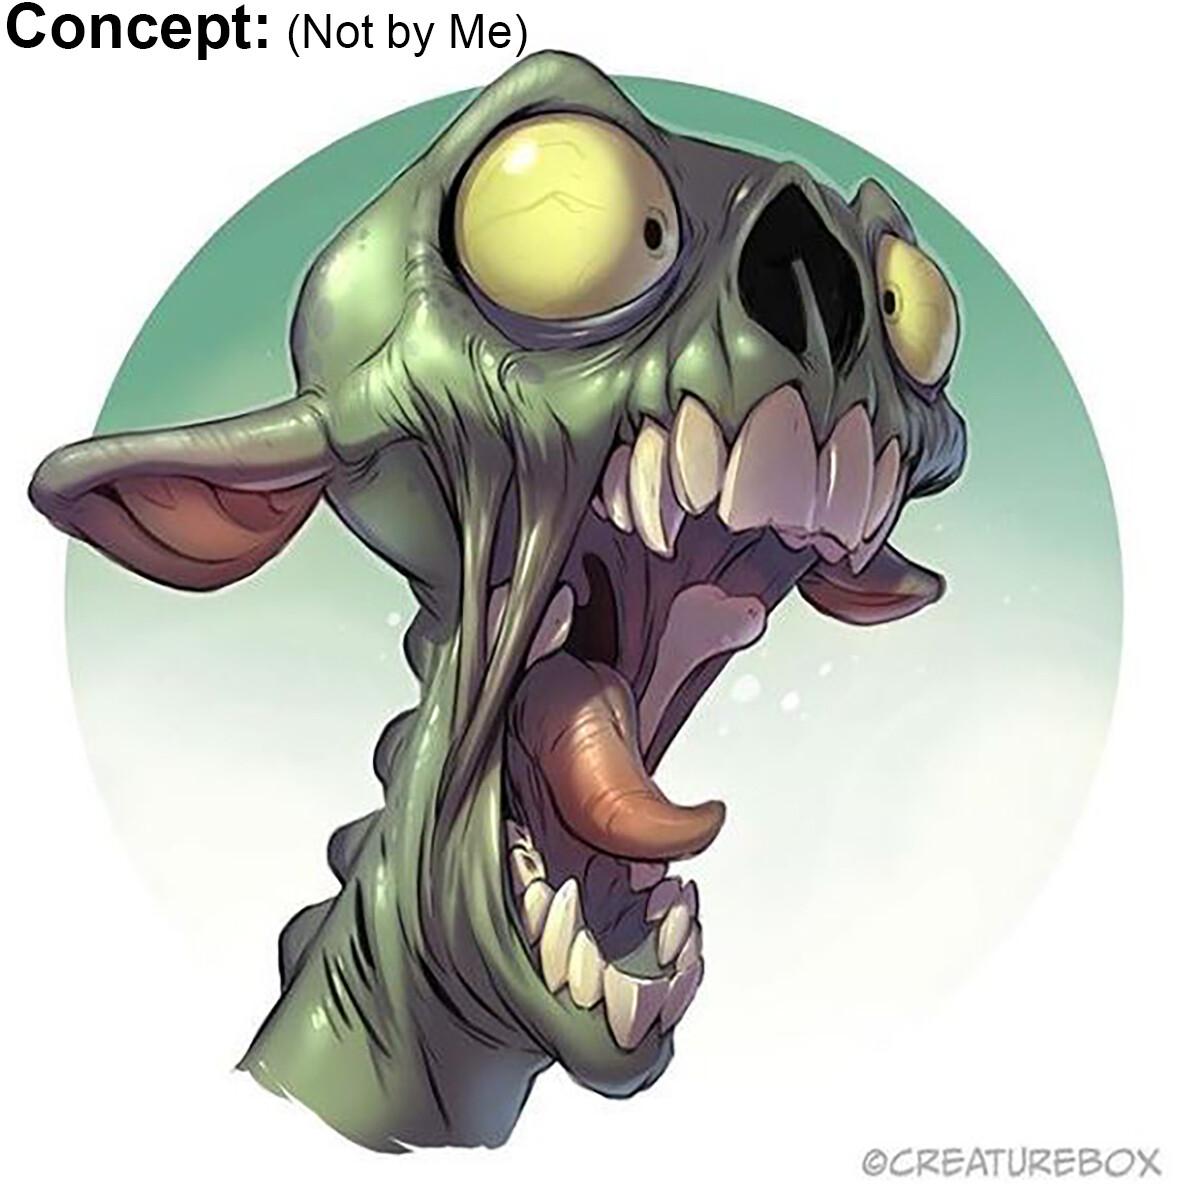 """Concept by """"Creaturebox"""": """"Greg Baldwin"""" and David Guertin"""":  http://creaturebox.com/gallery/"""